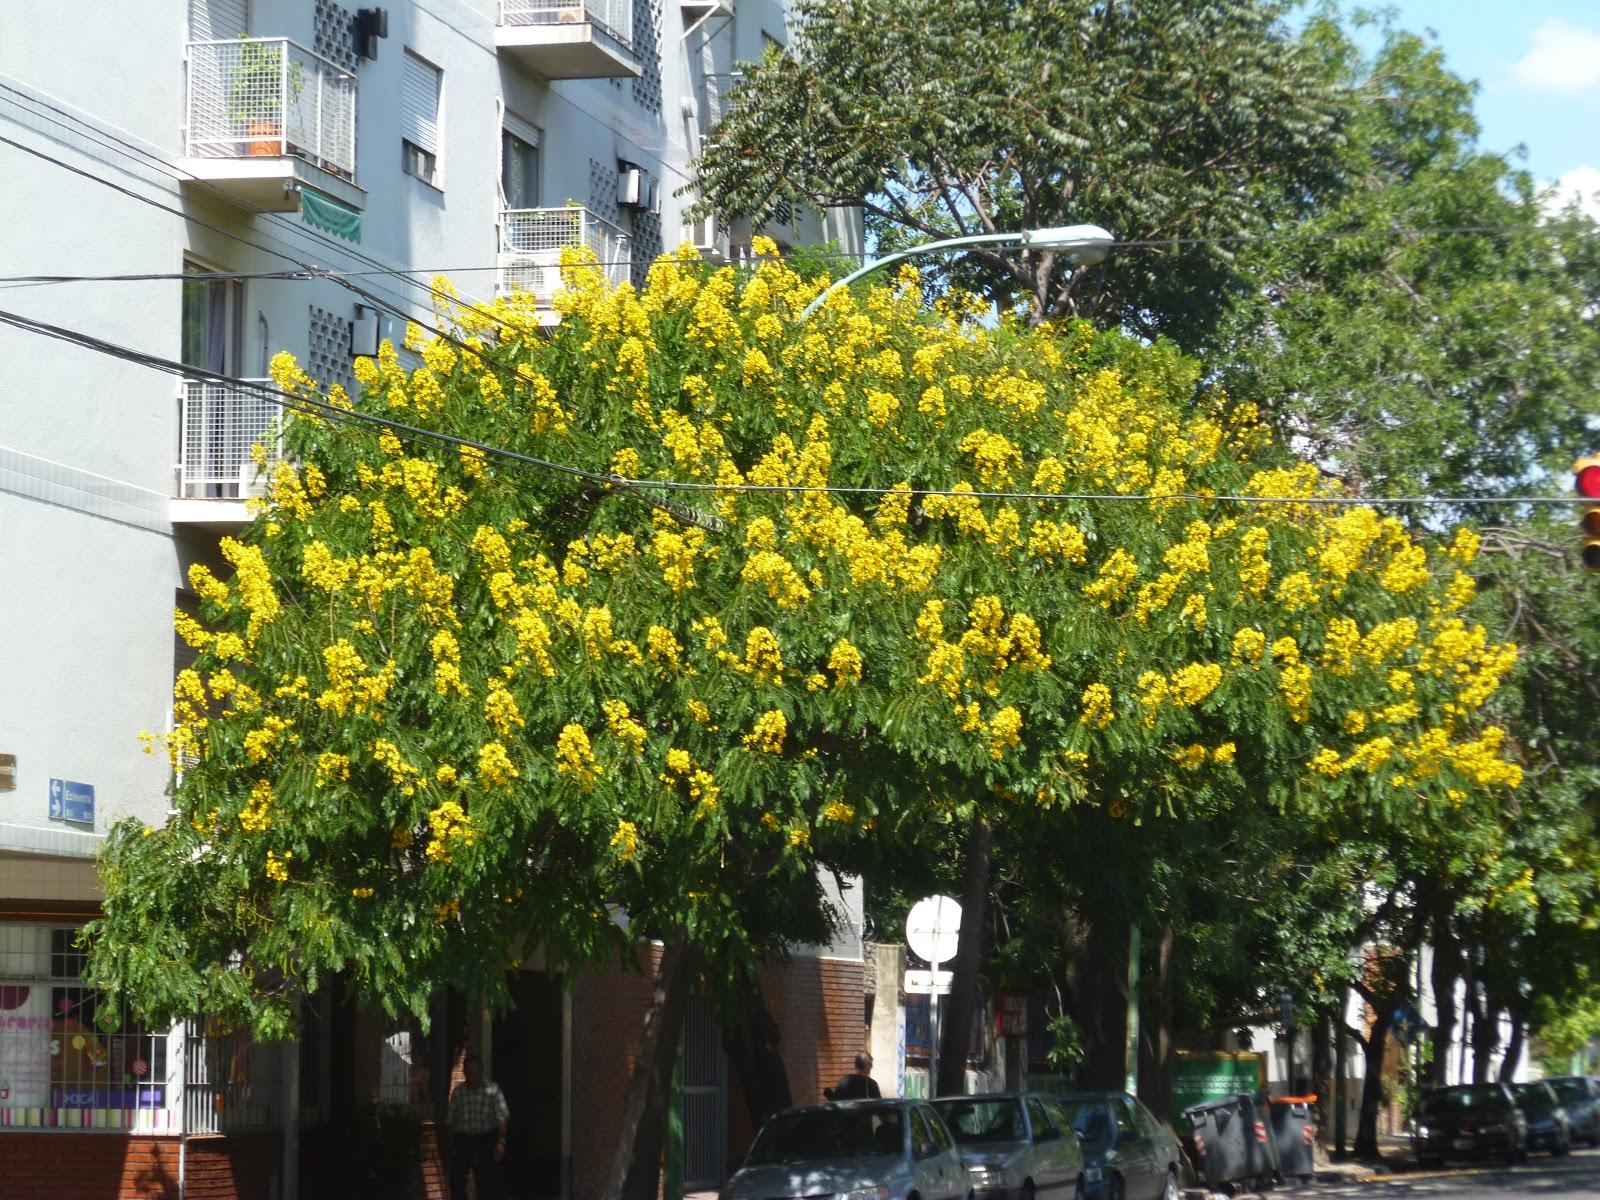 El jard n chic arboles florecidos en buenos aires for Arboles para jardin que den sombra